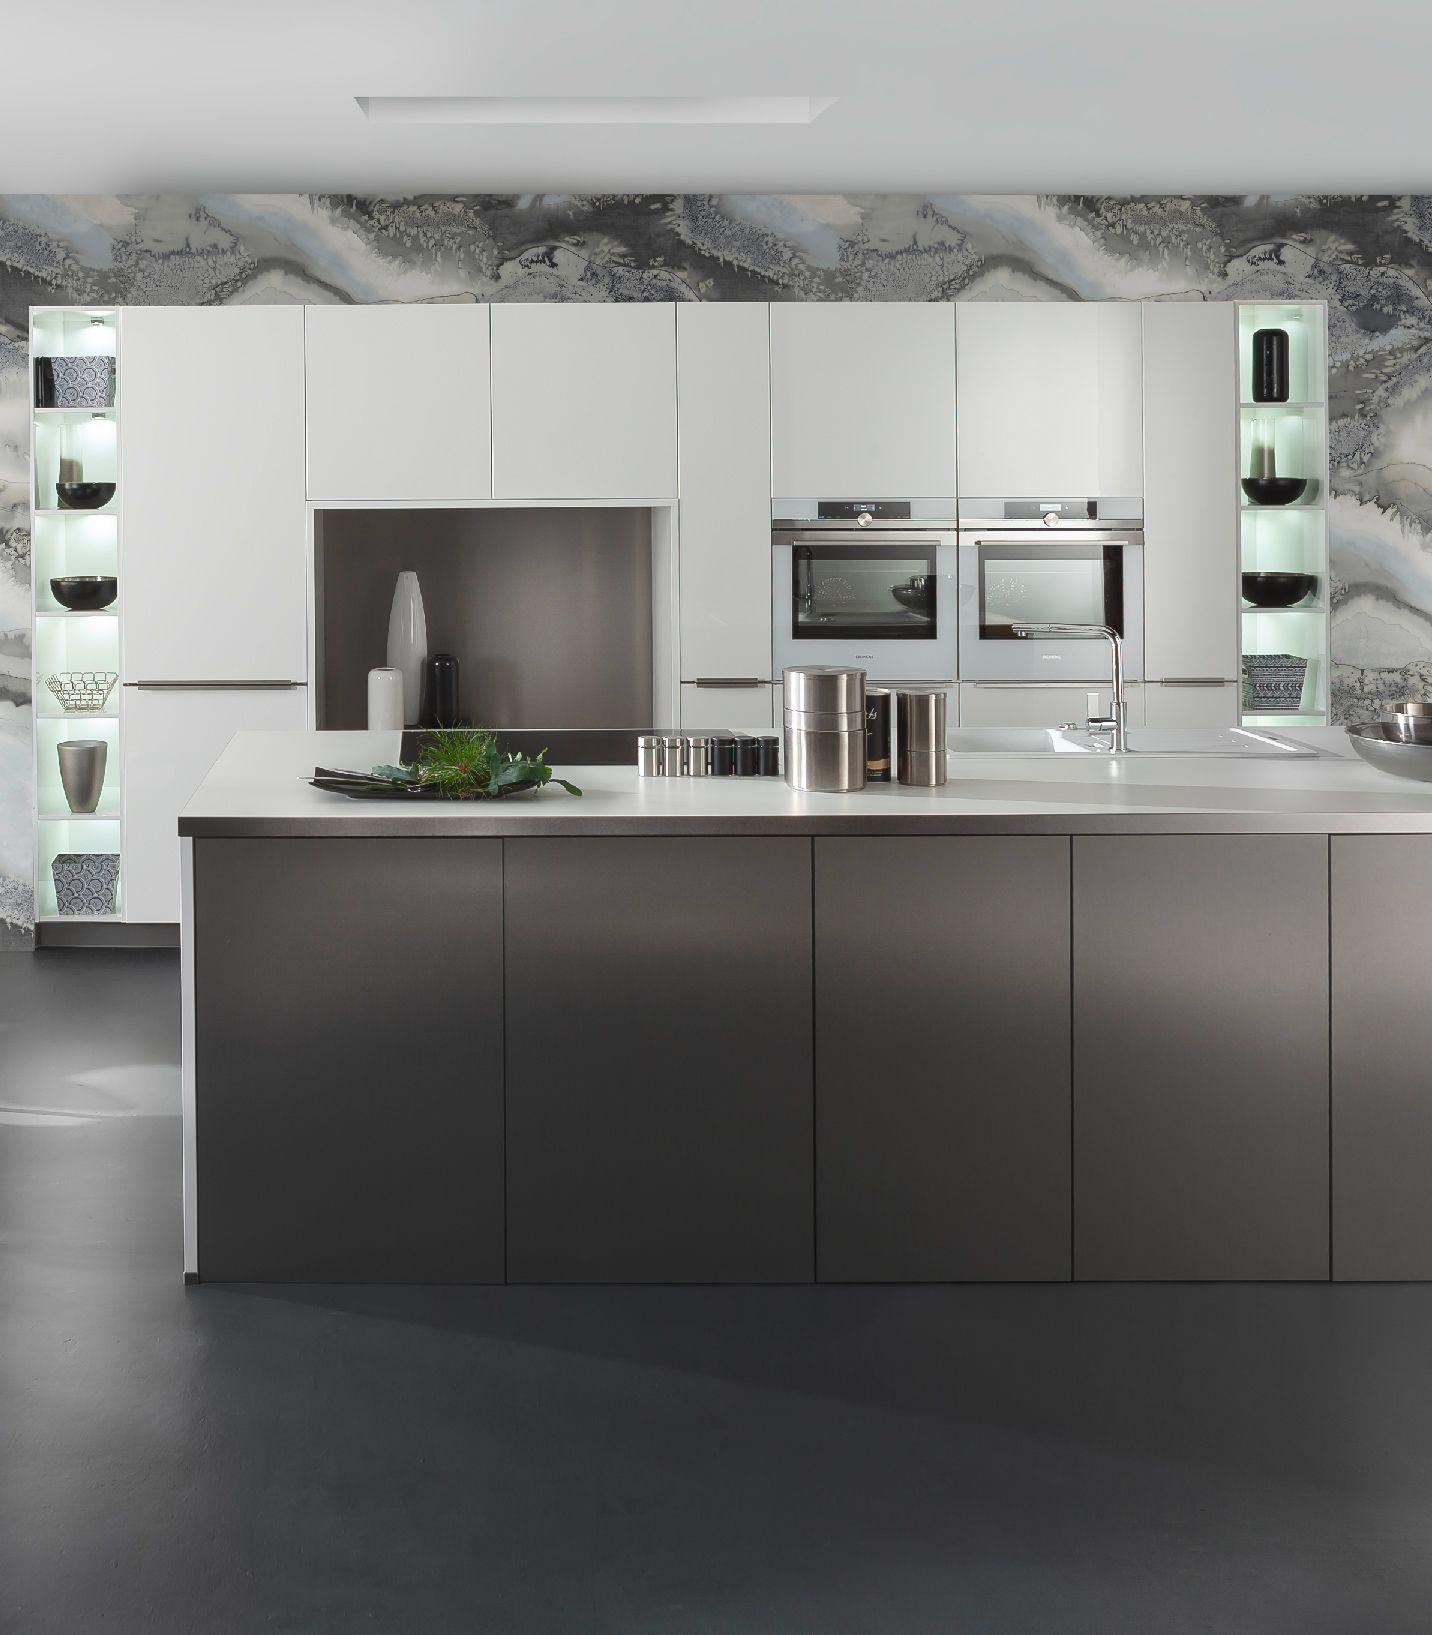 Cuisine Moderne Contemporain Les Caracteristiques De La Tendance En 2020 Avec Images Cuisine Moderne Cuisine Contemporaine Moderne